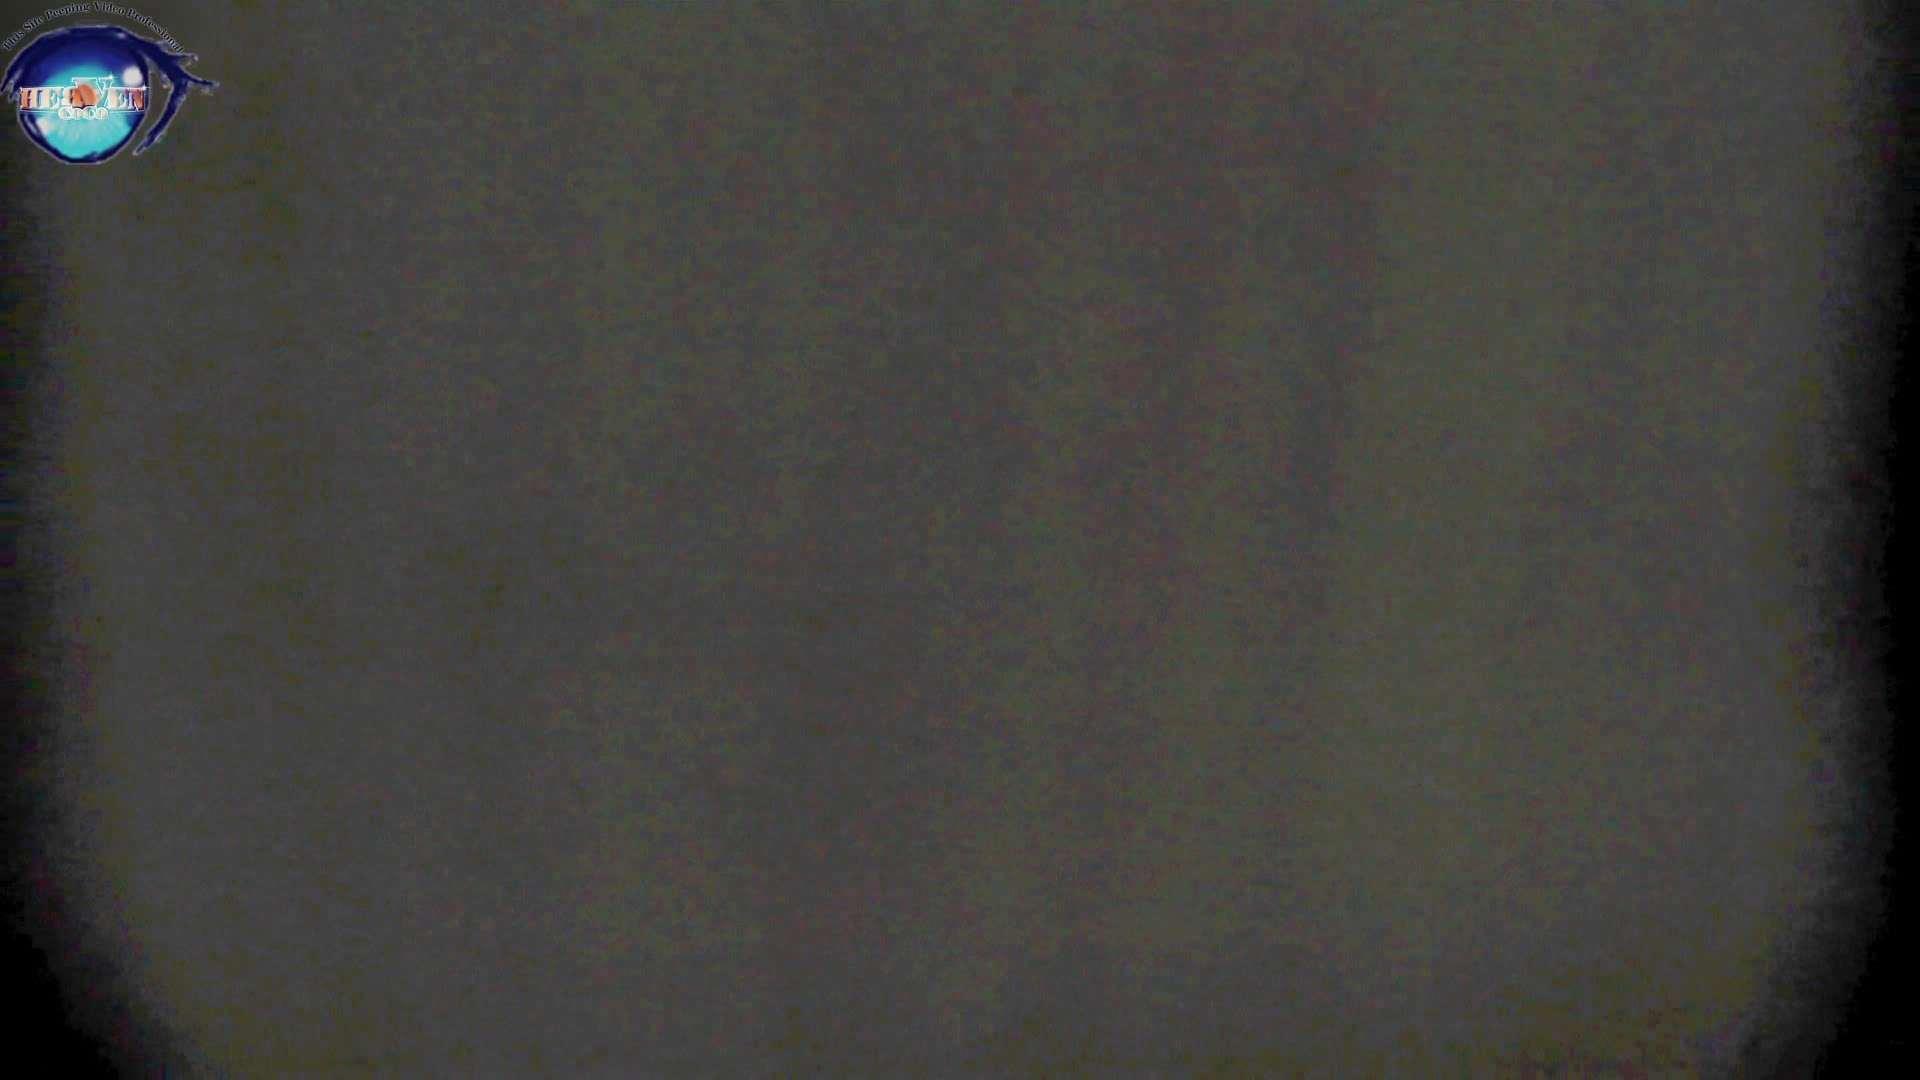 洗面所突入レポート!!お銀 vol.67 新たな場所への挑戦が始まる!!後編 トイレ 覗きオメコ動画キャプチャ 49PICs 35